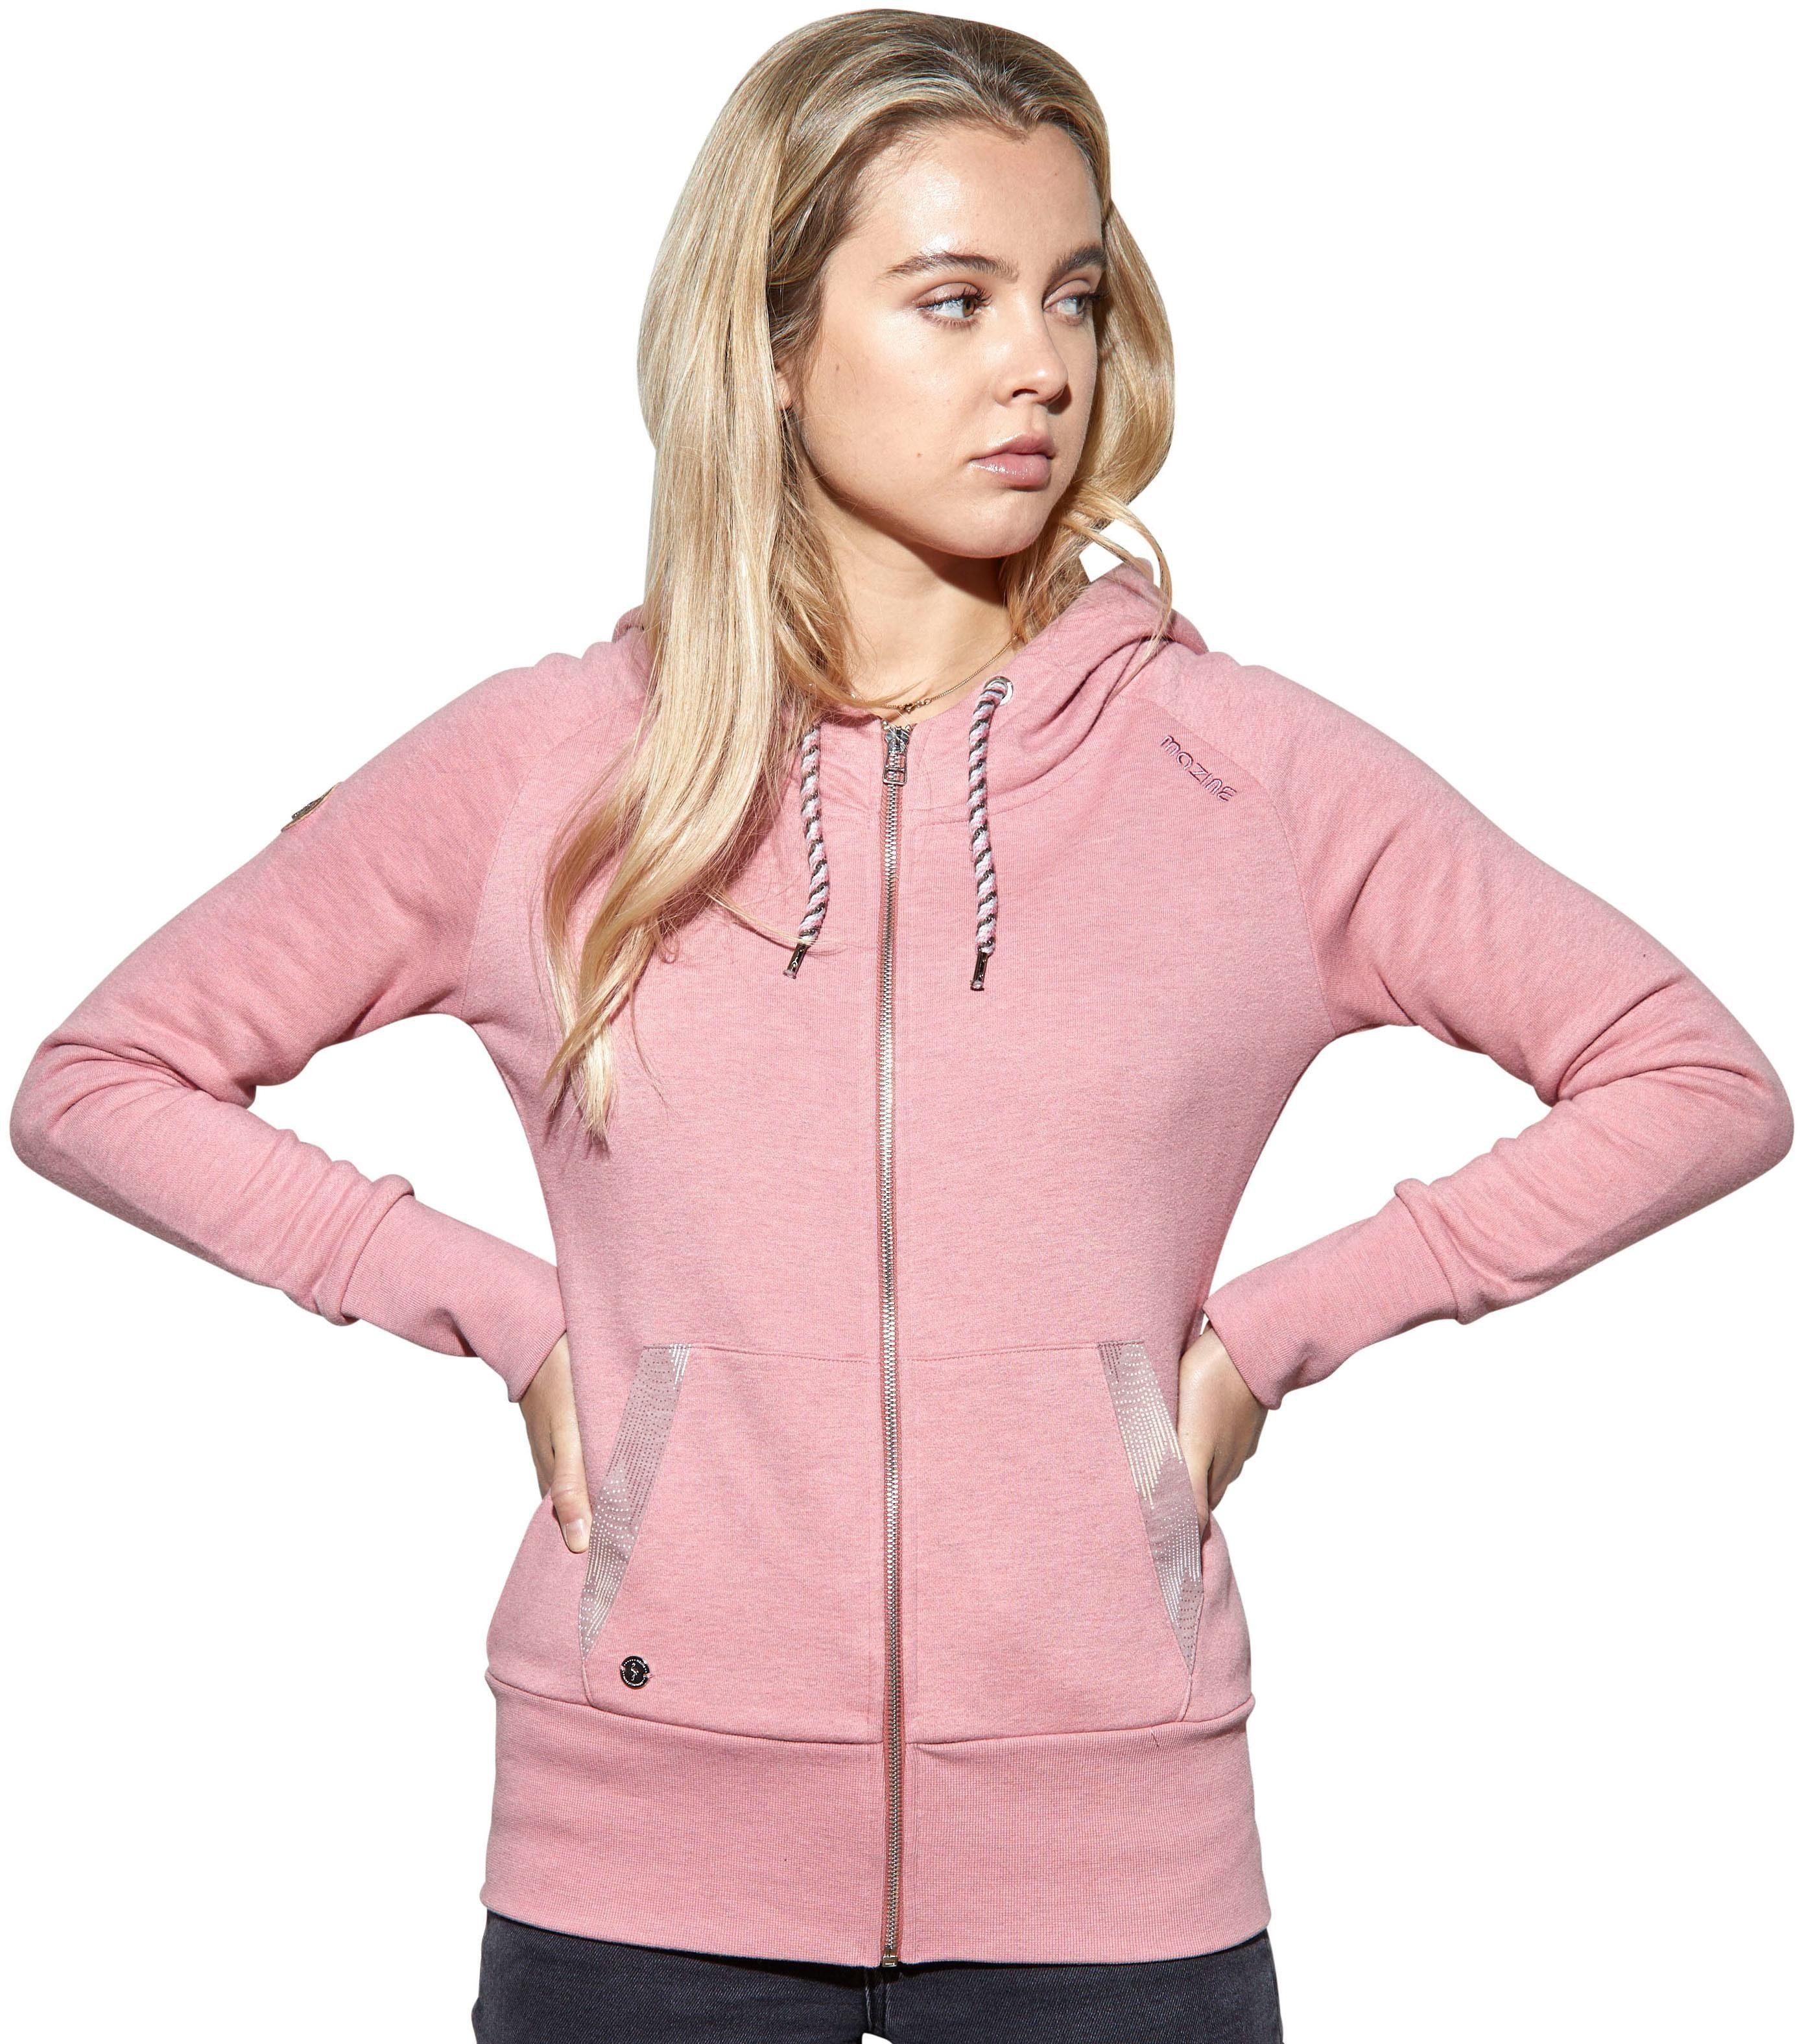 MAZINE Kapuzensweatshirt »GUSTINE« mit sprinkle printed Farb Kontrasten online kaufen | OTTO